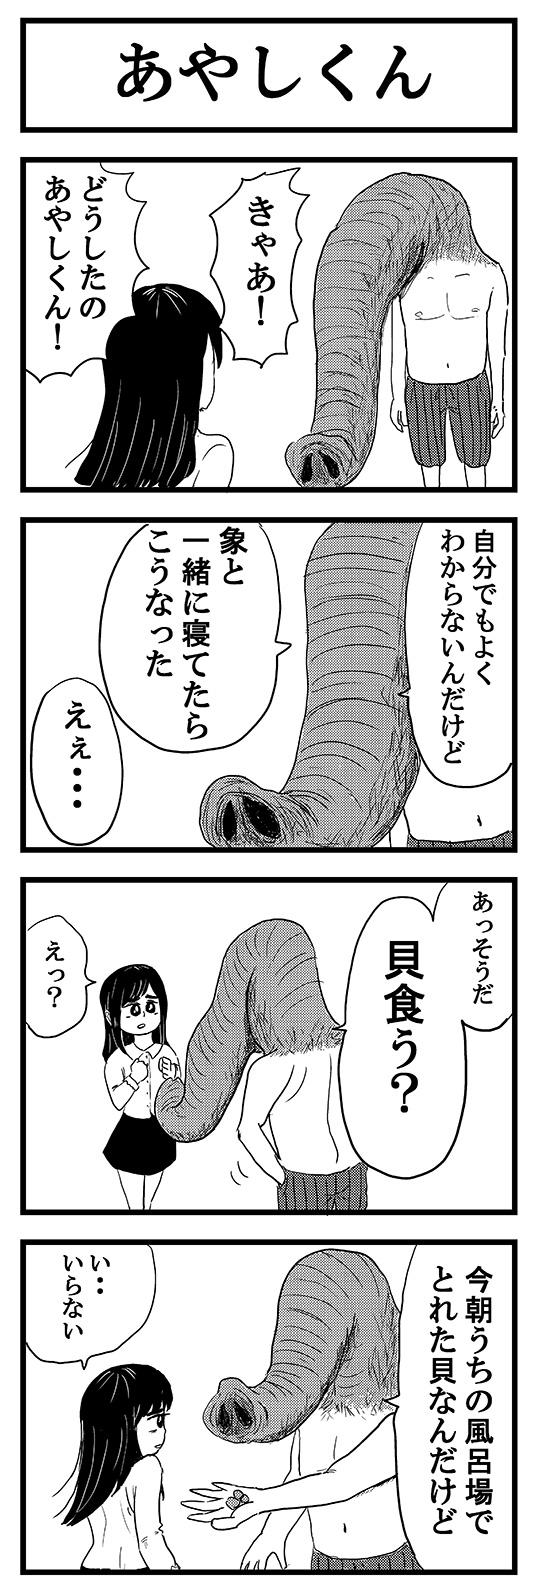 【4コマ漫画】あやしくん